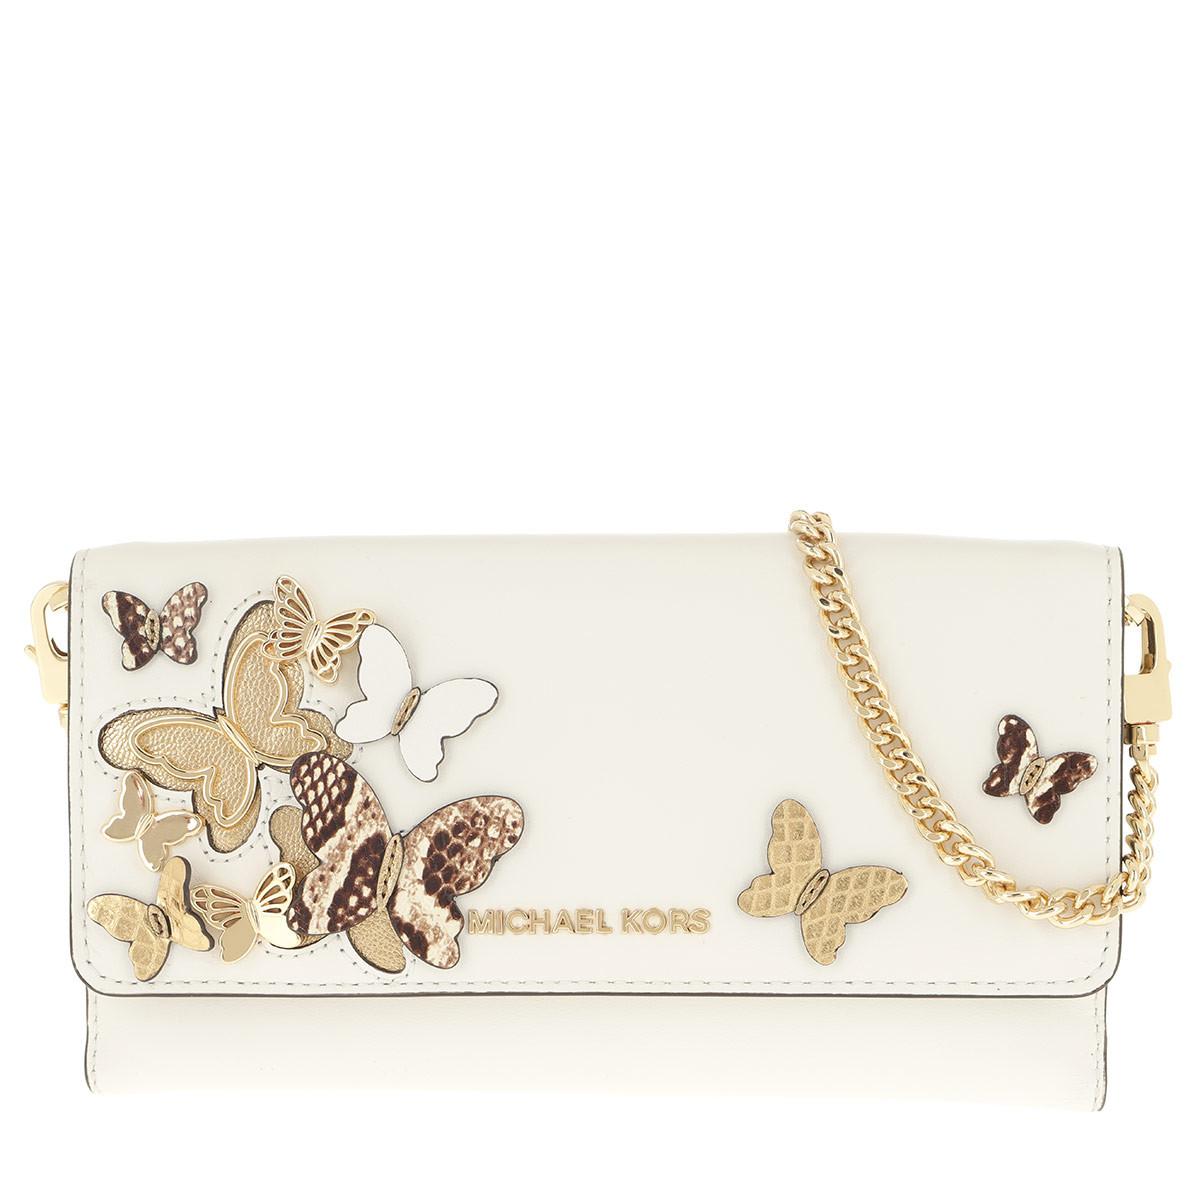 Michael Kors Umhängetasche - Large Mf Wallet On A Chain Optic White - in weiß - für Damen